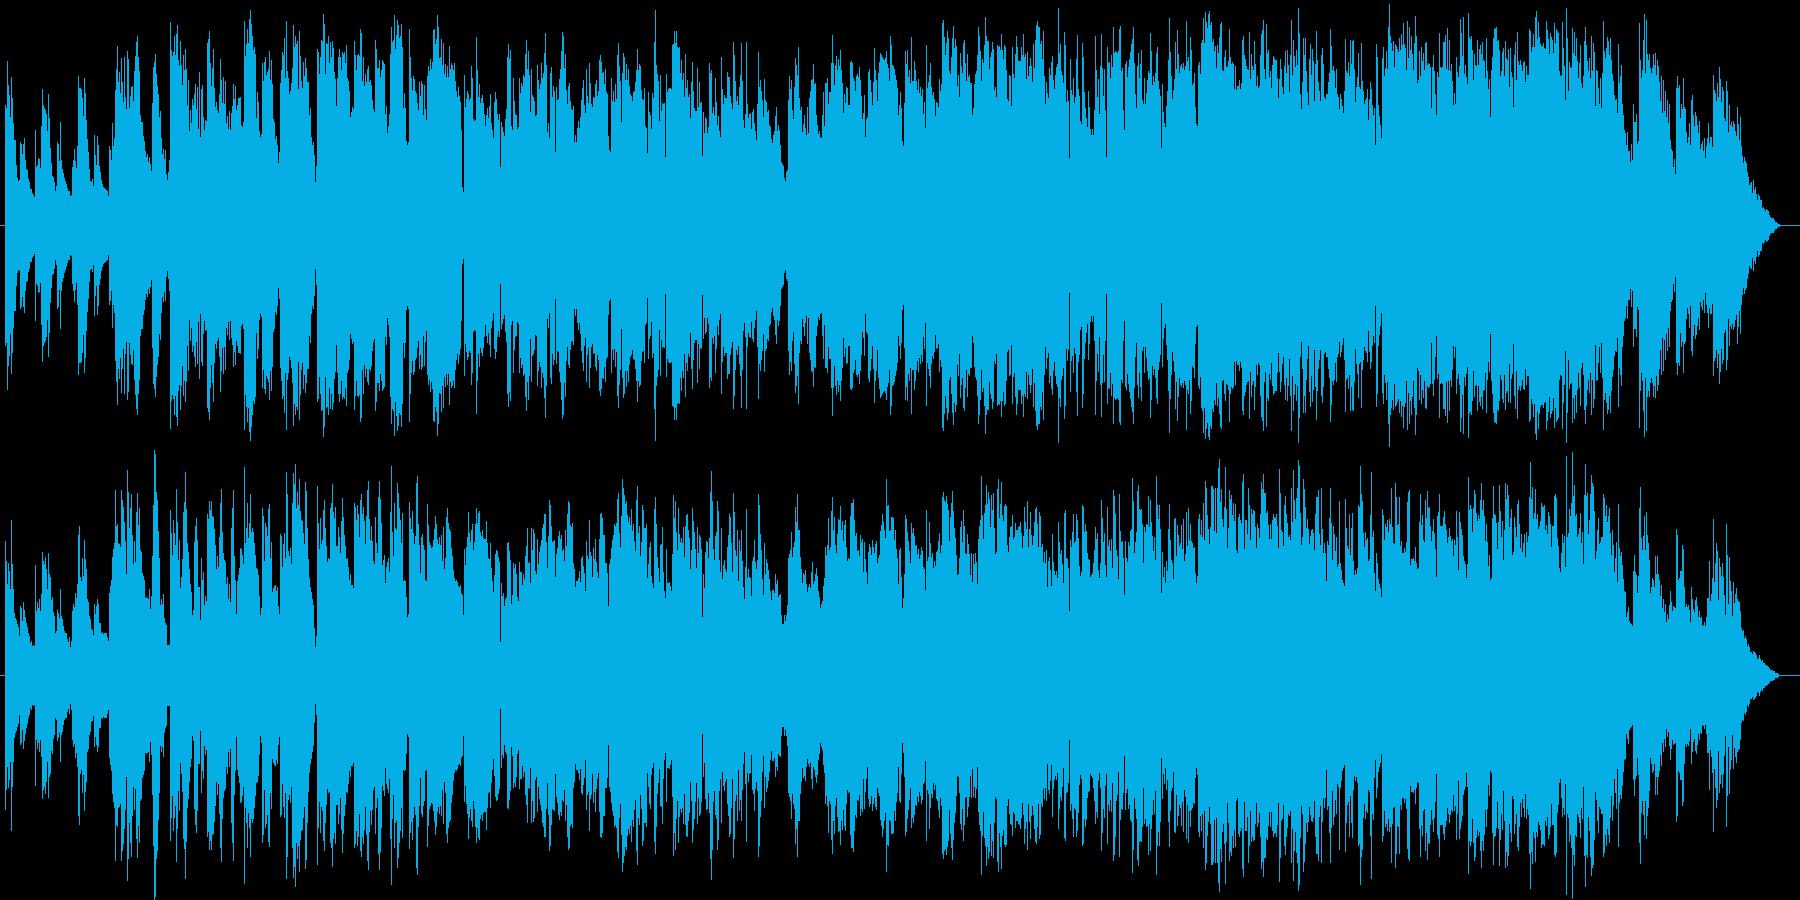 ミステリアスで哀しい物語を想像させる曲の再生済みの波形